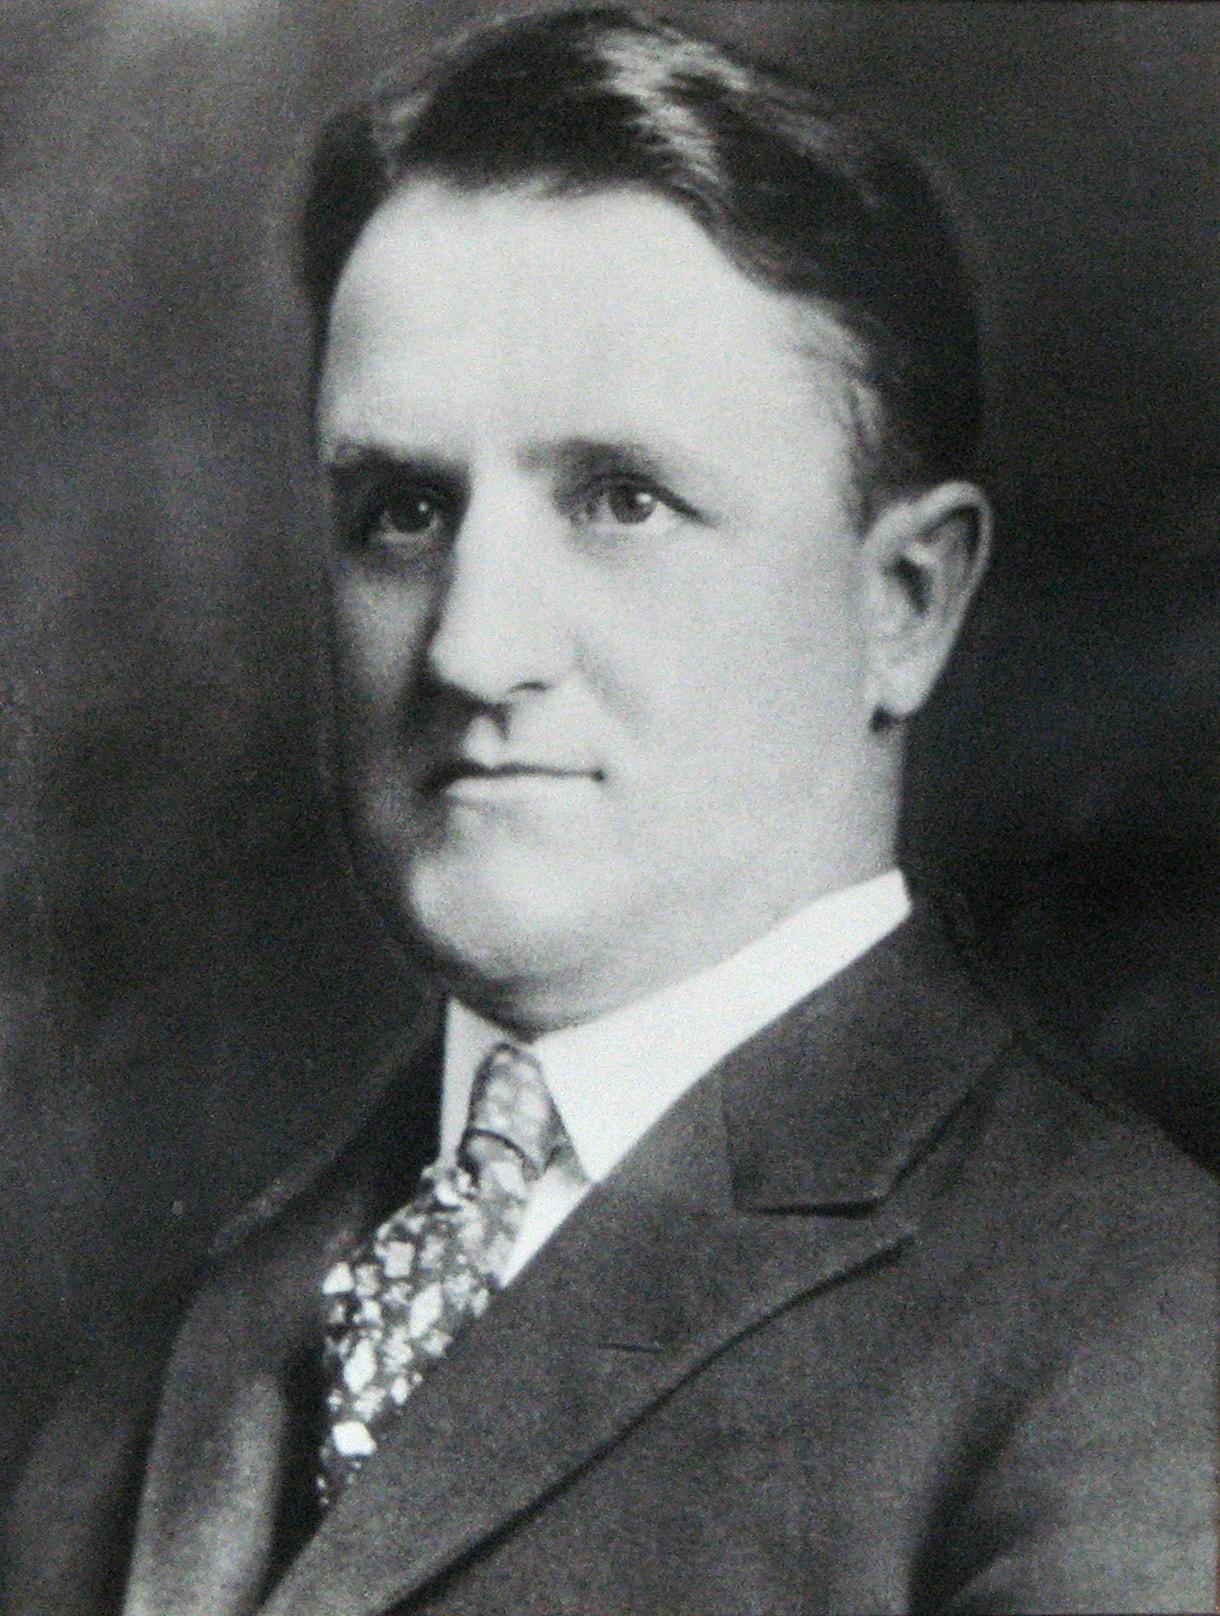 M. John H. Fyon